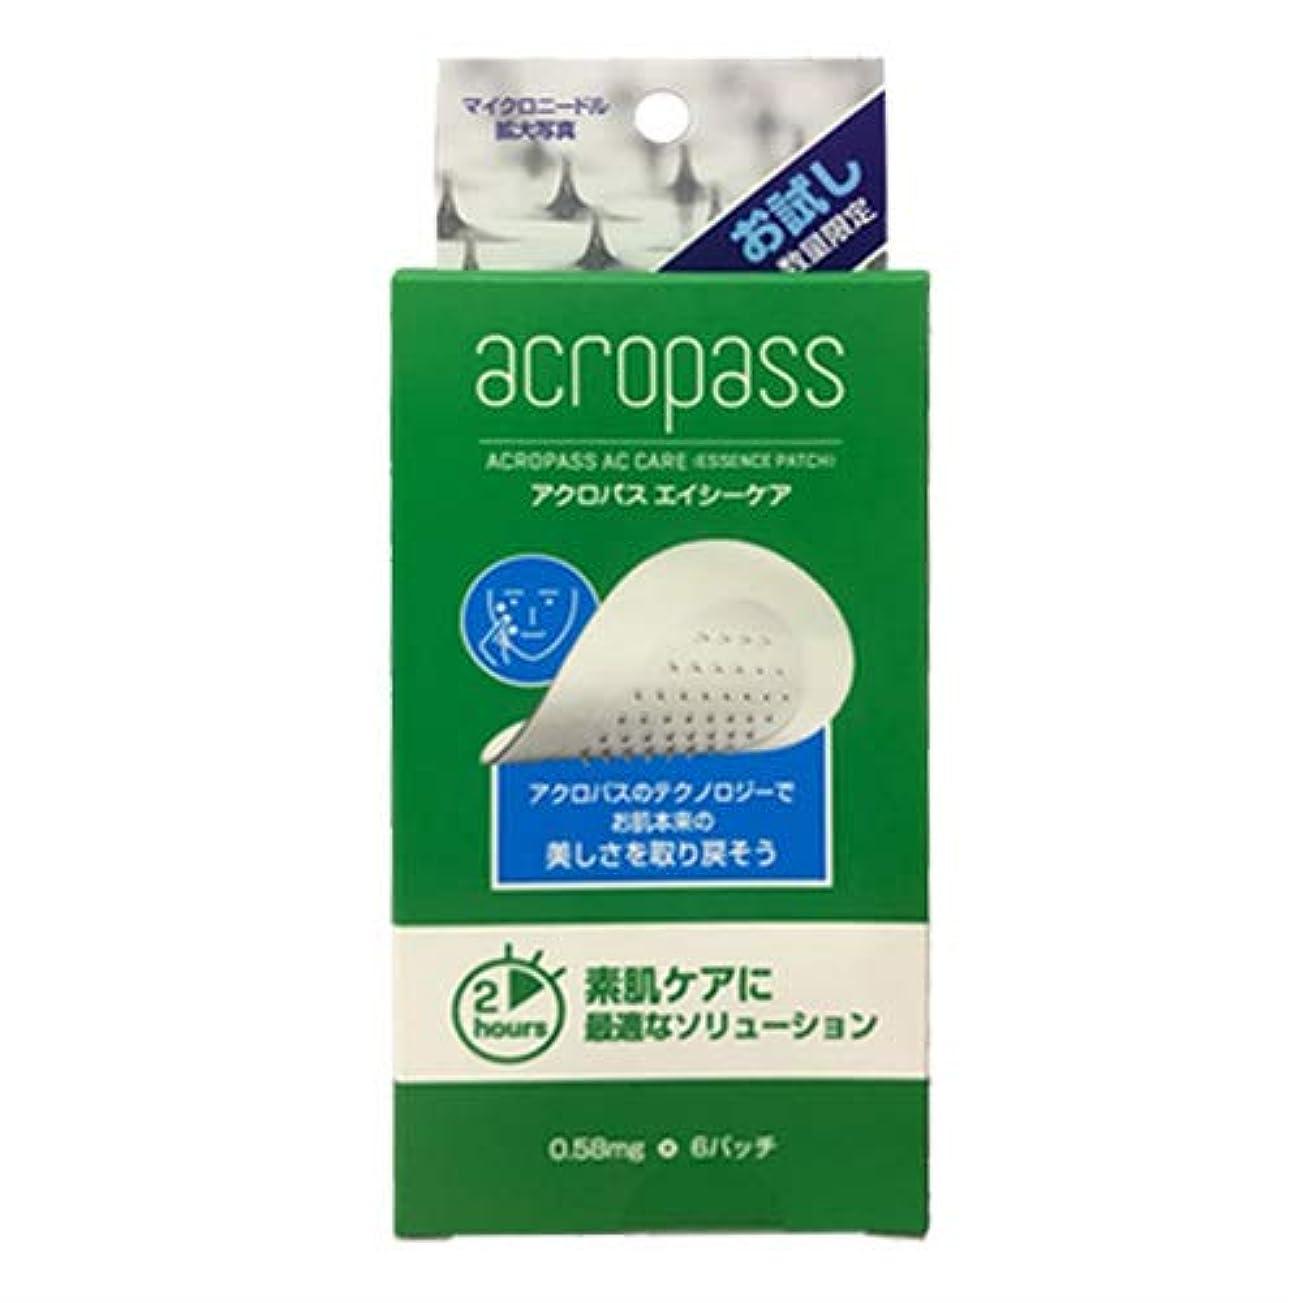 エゴイズムニュージーランド治すAcropass (アクロパス) アクロパス エイシーケア プラスお試しサイズ フェイスマスク 無香料 6パッチ入り